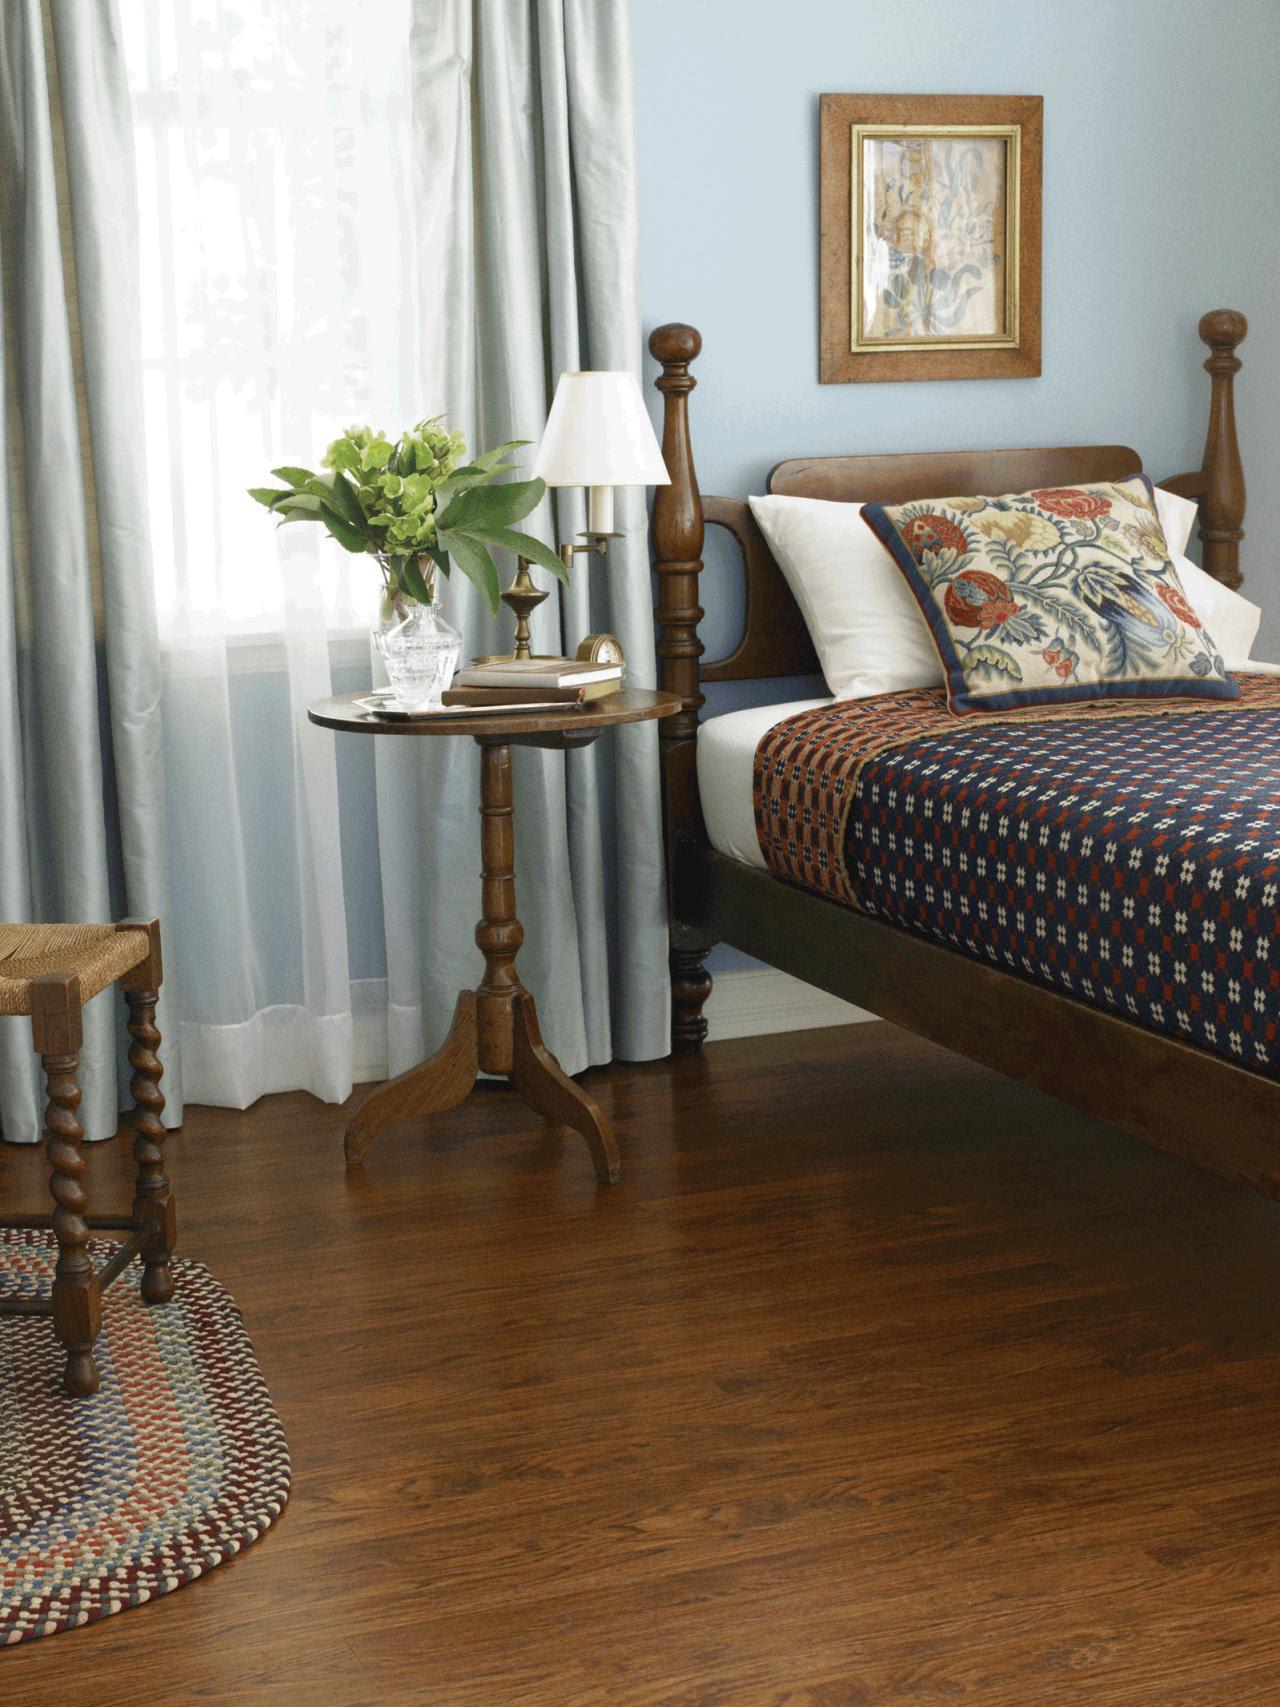 Best Bedroom Flooring: Pictures, Options & Ideas | HGTV